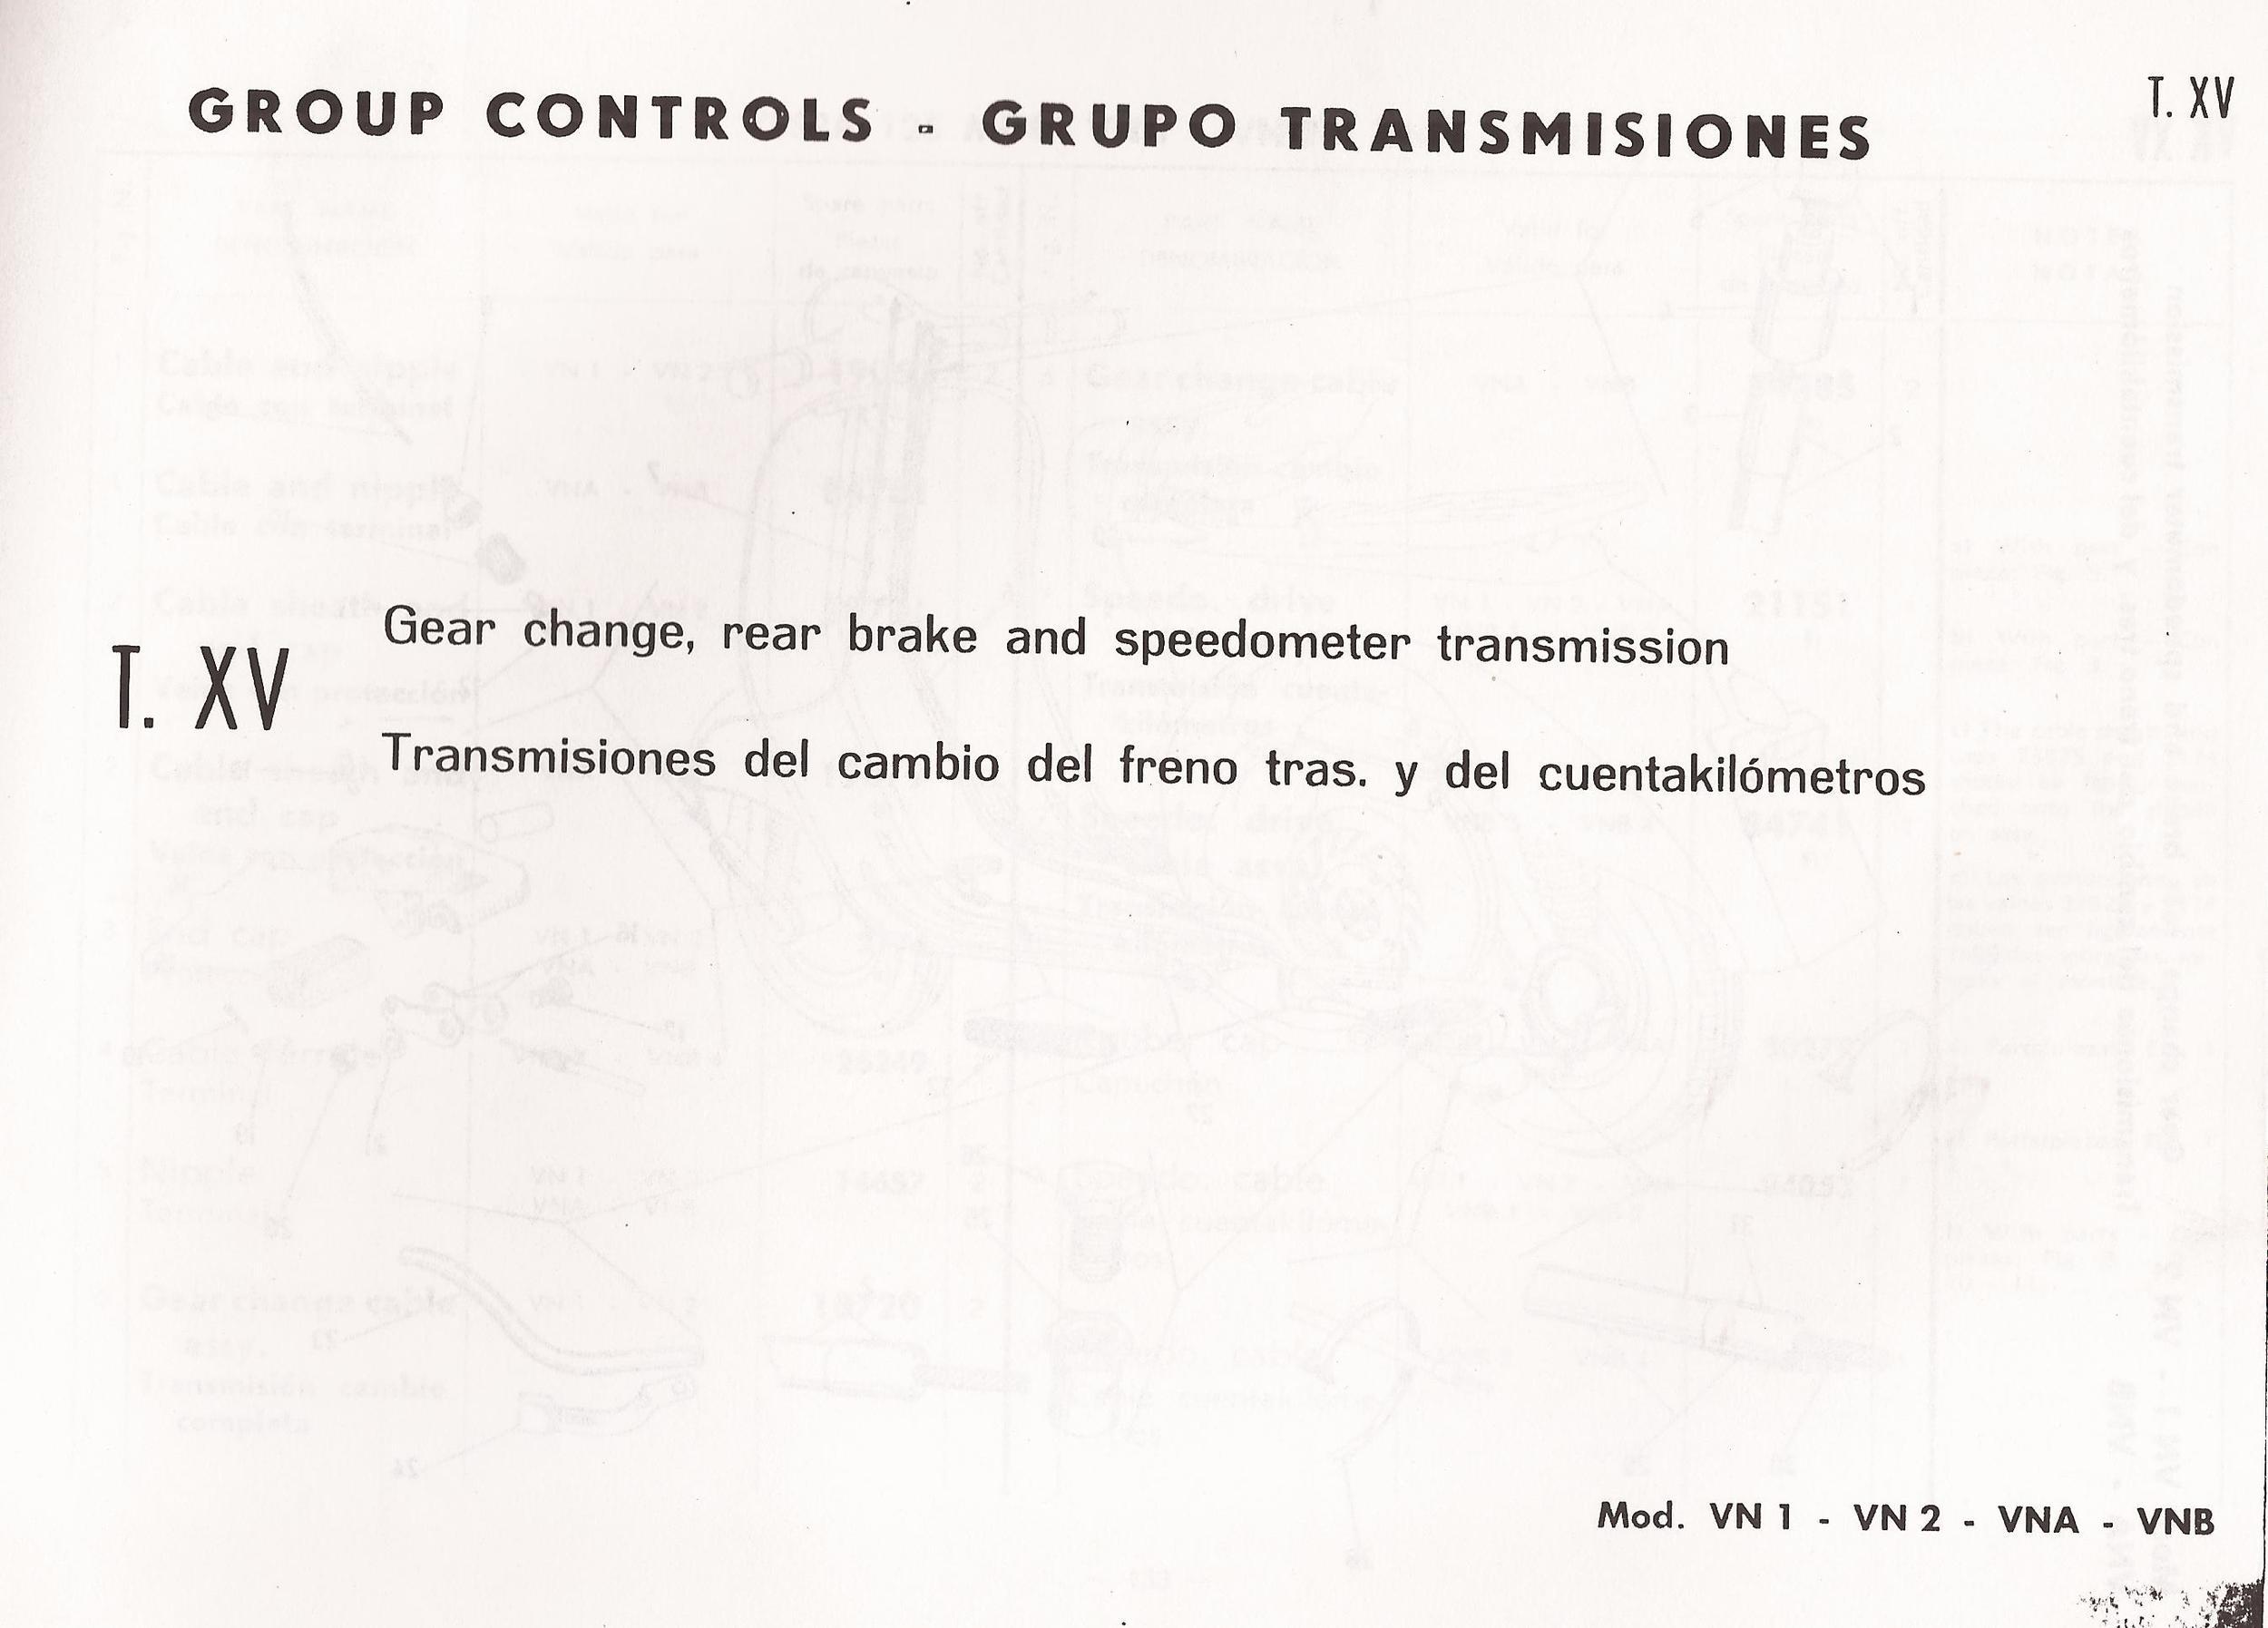 07-16-2013 vespa 125 catalog manuel 142.jpg